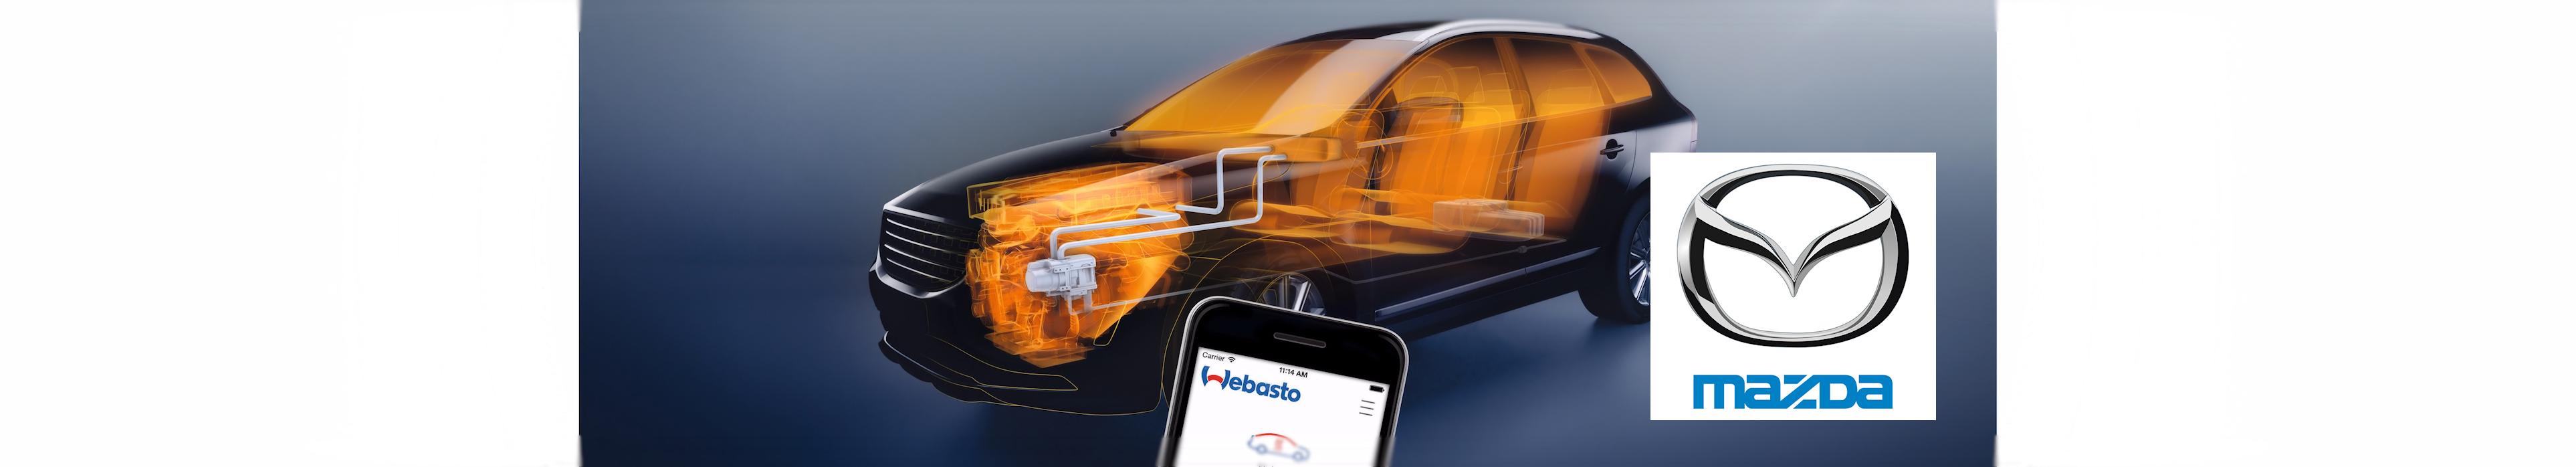 Wat kost een parkeerverwarming inbouwen bij Mazda